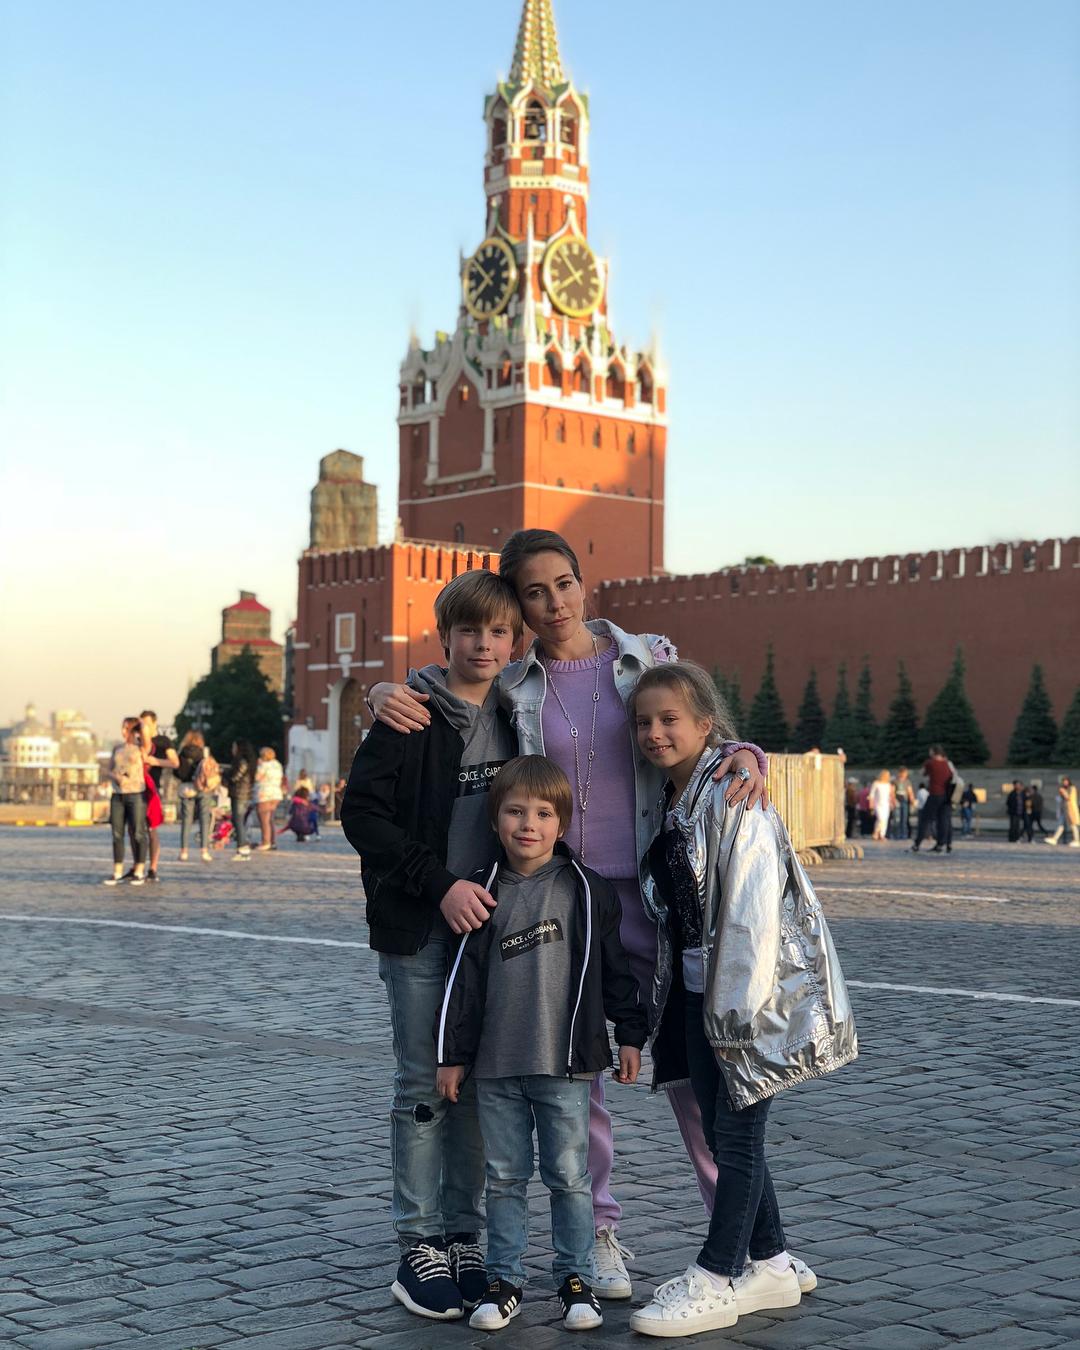 Выглядит гораздо старше: Юлия Барановская остригла волосы ради любви, но поклонники не оценили